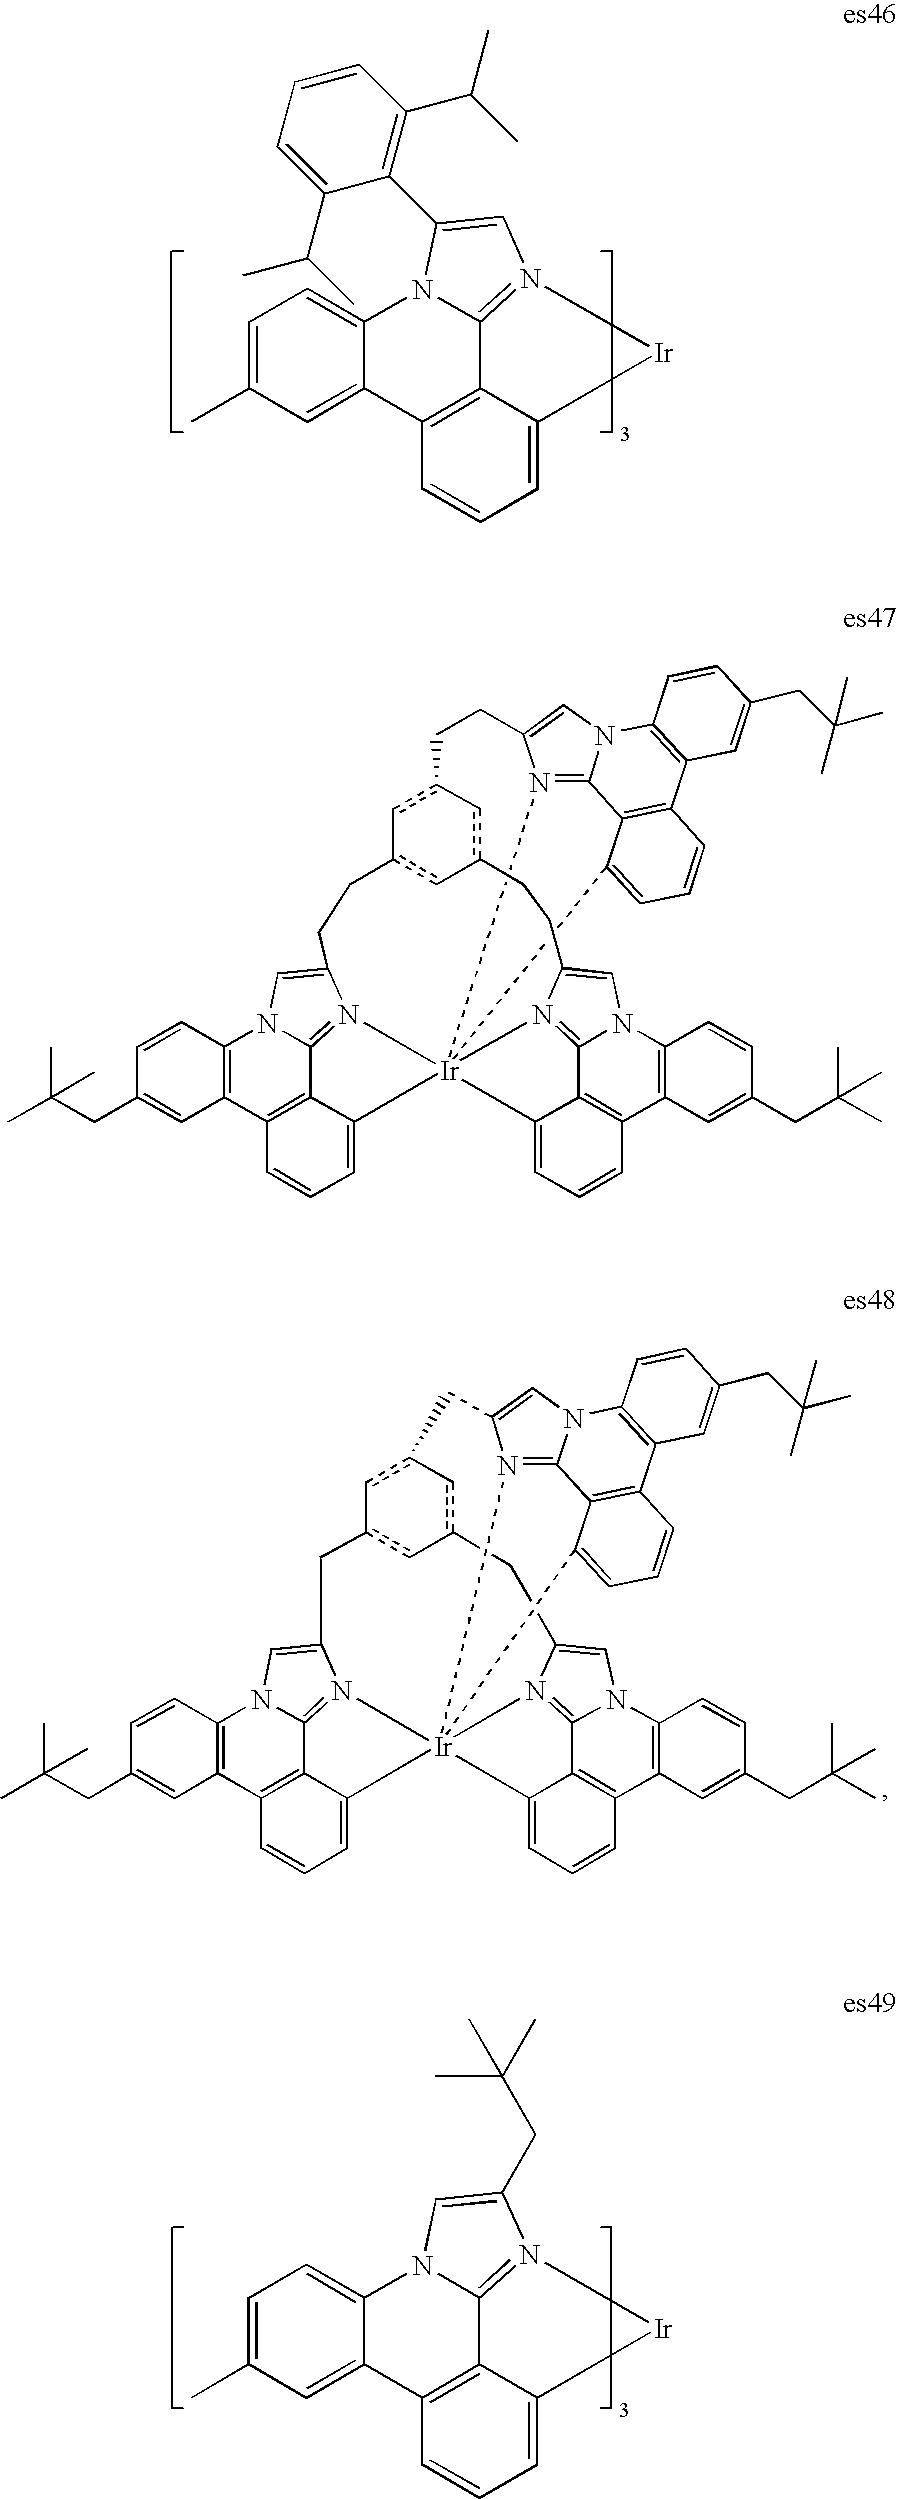 Figure US08142909-20120327-C00028